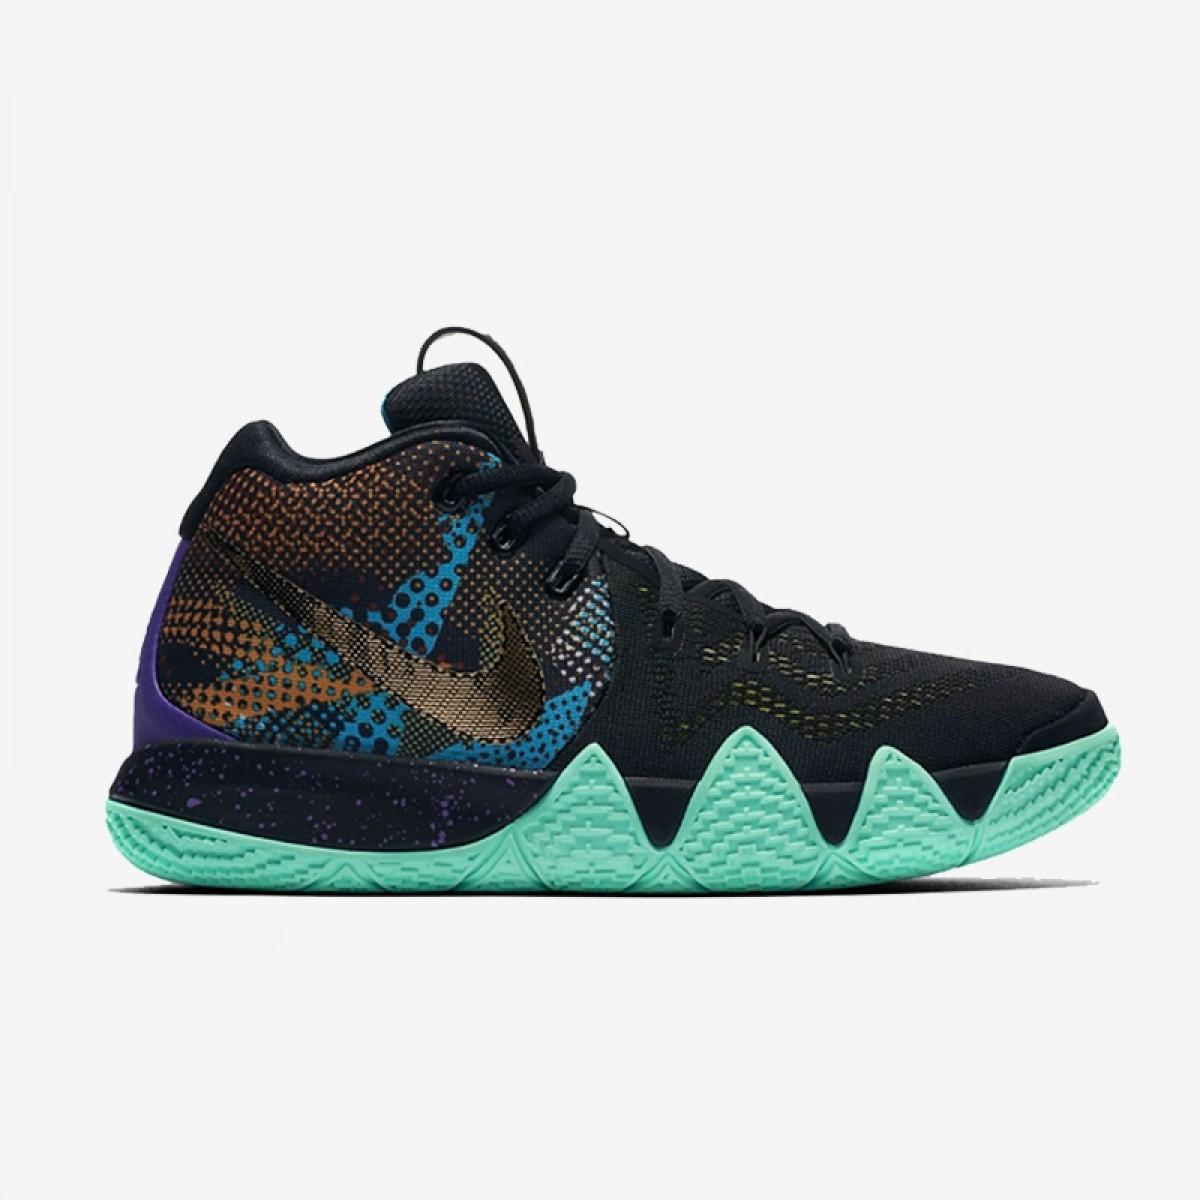 Nike Kyrie 4 GS 'Mamba'